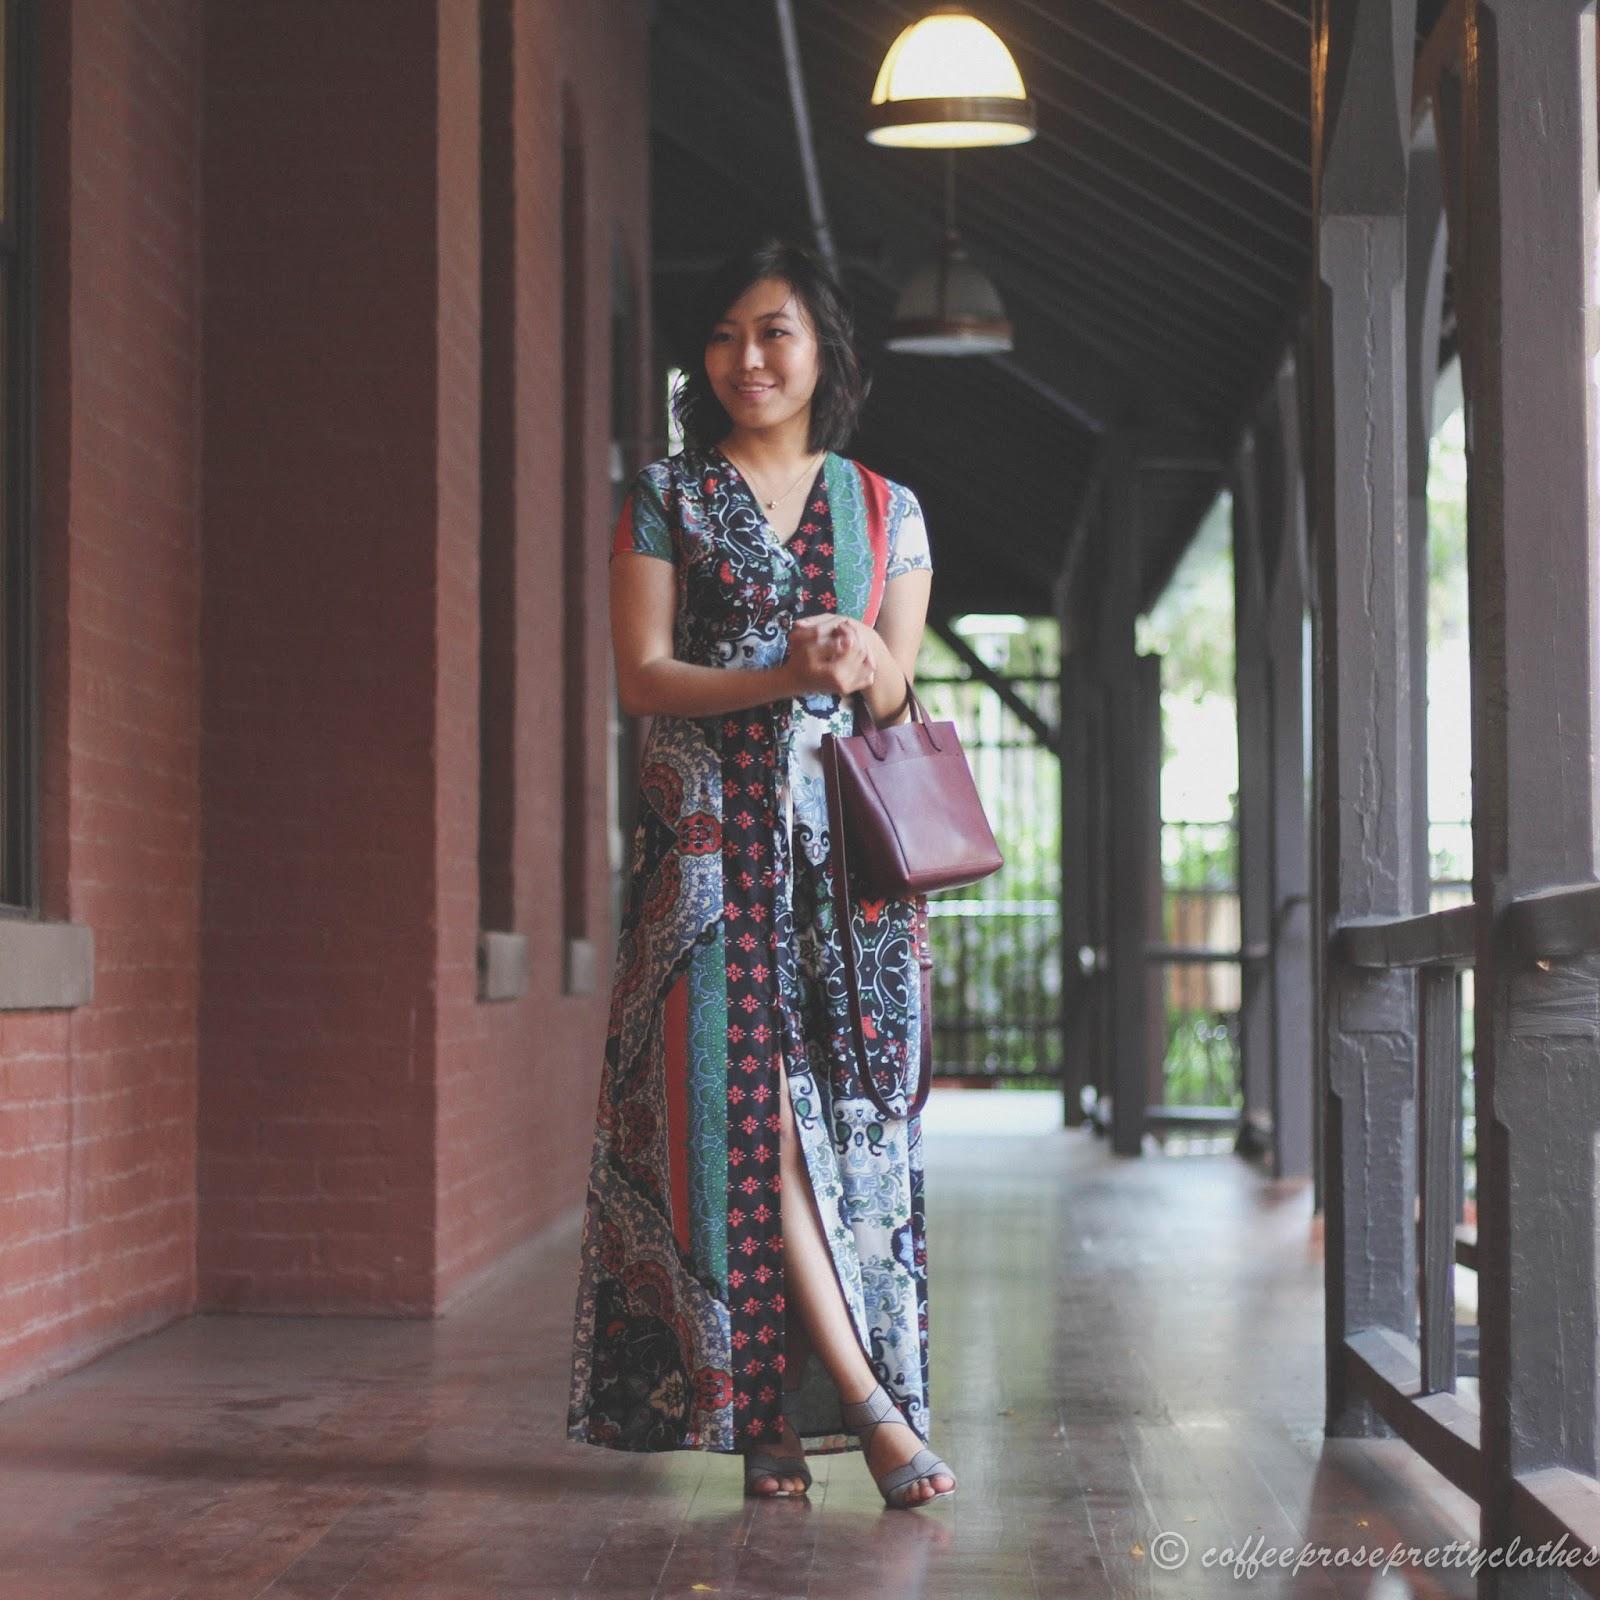 Madewell Transport bag, ASOS maxi dress, Sole Society Joesy